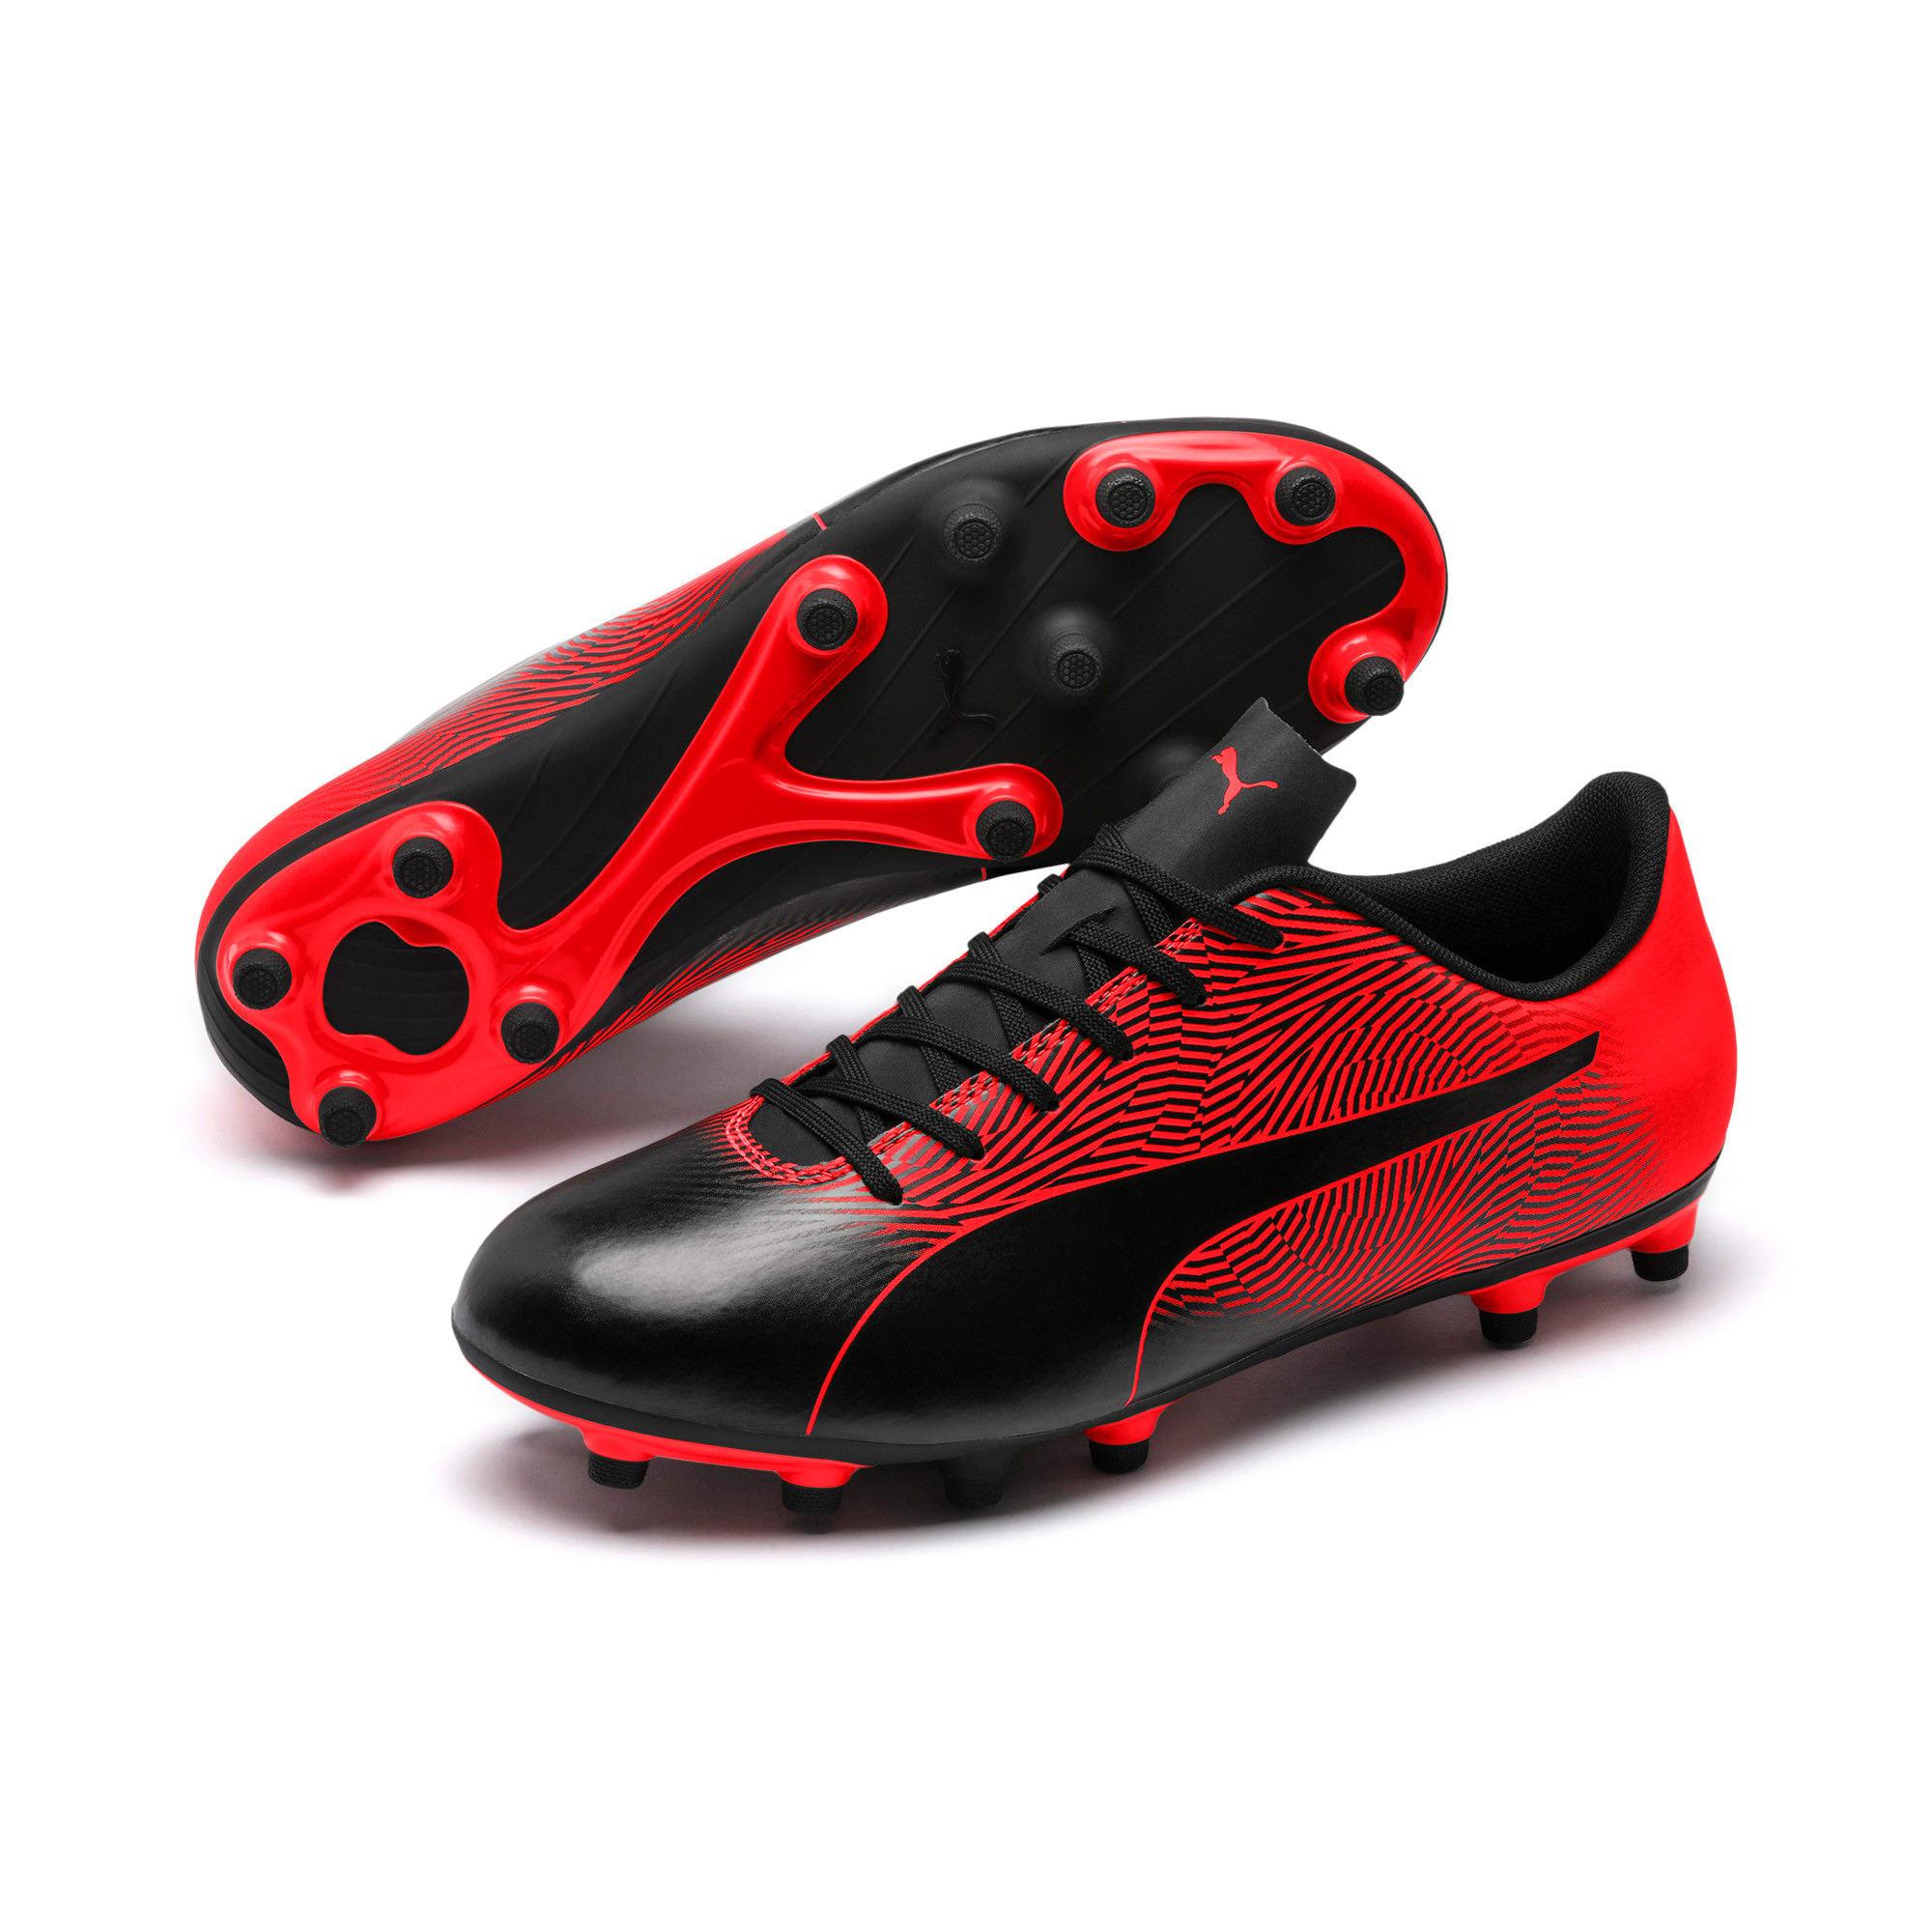 Miniatura 2 de Botines de fútbol PUMA Spirit II FG para hombre, Puma Black-Red Blast, mediano